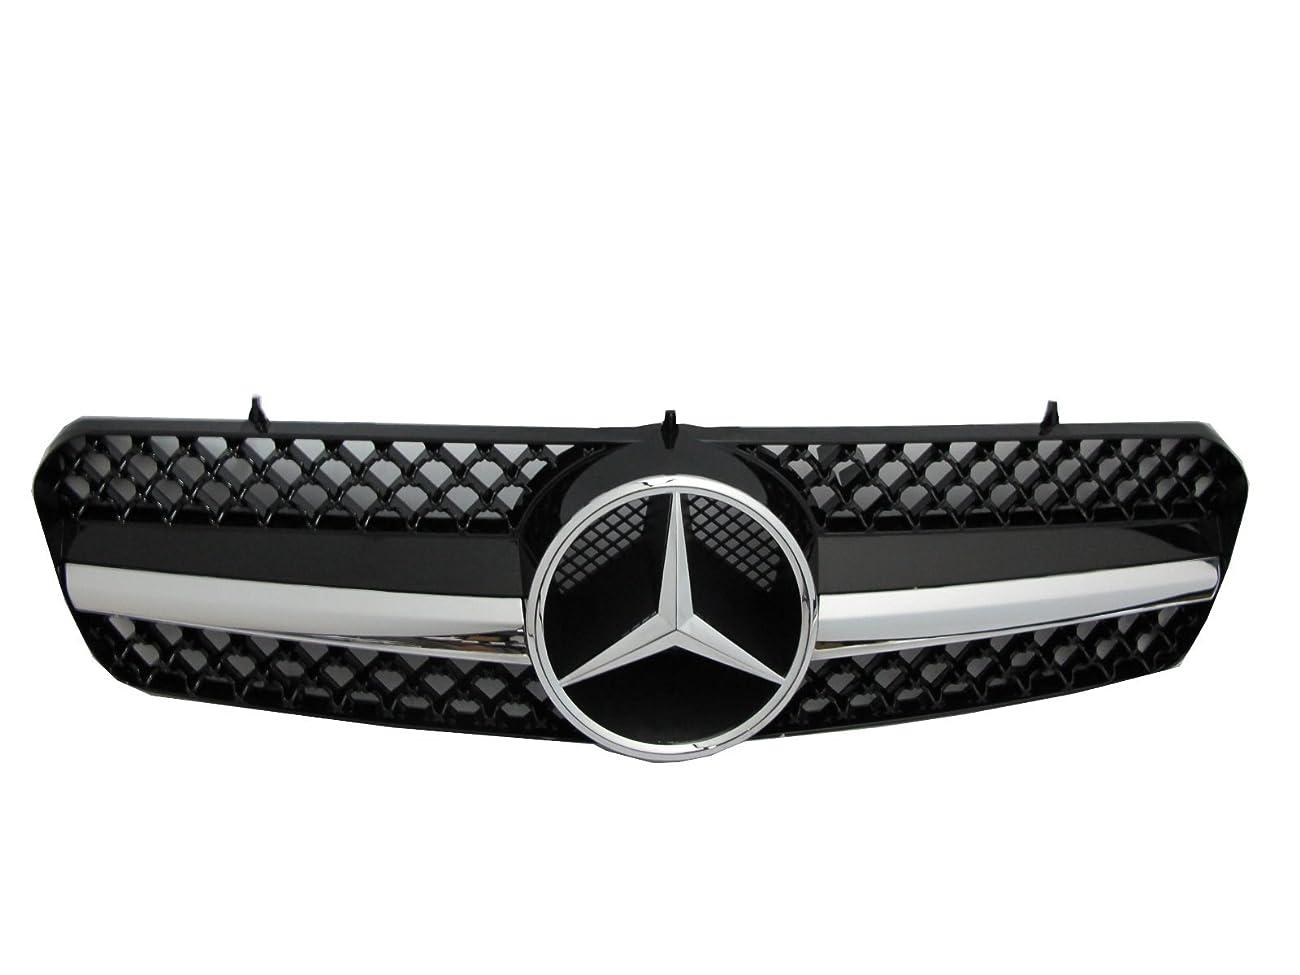 人事険しいシャツCrazyTheGod CLクラス W215/C215 2000-2005 クーペ 2つのドア 1フィン フロントグリル クロム/ブラック V2 に Mercedes-Benz メルセデス-ベンツ